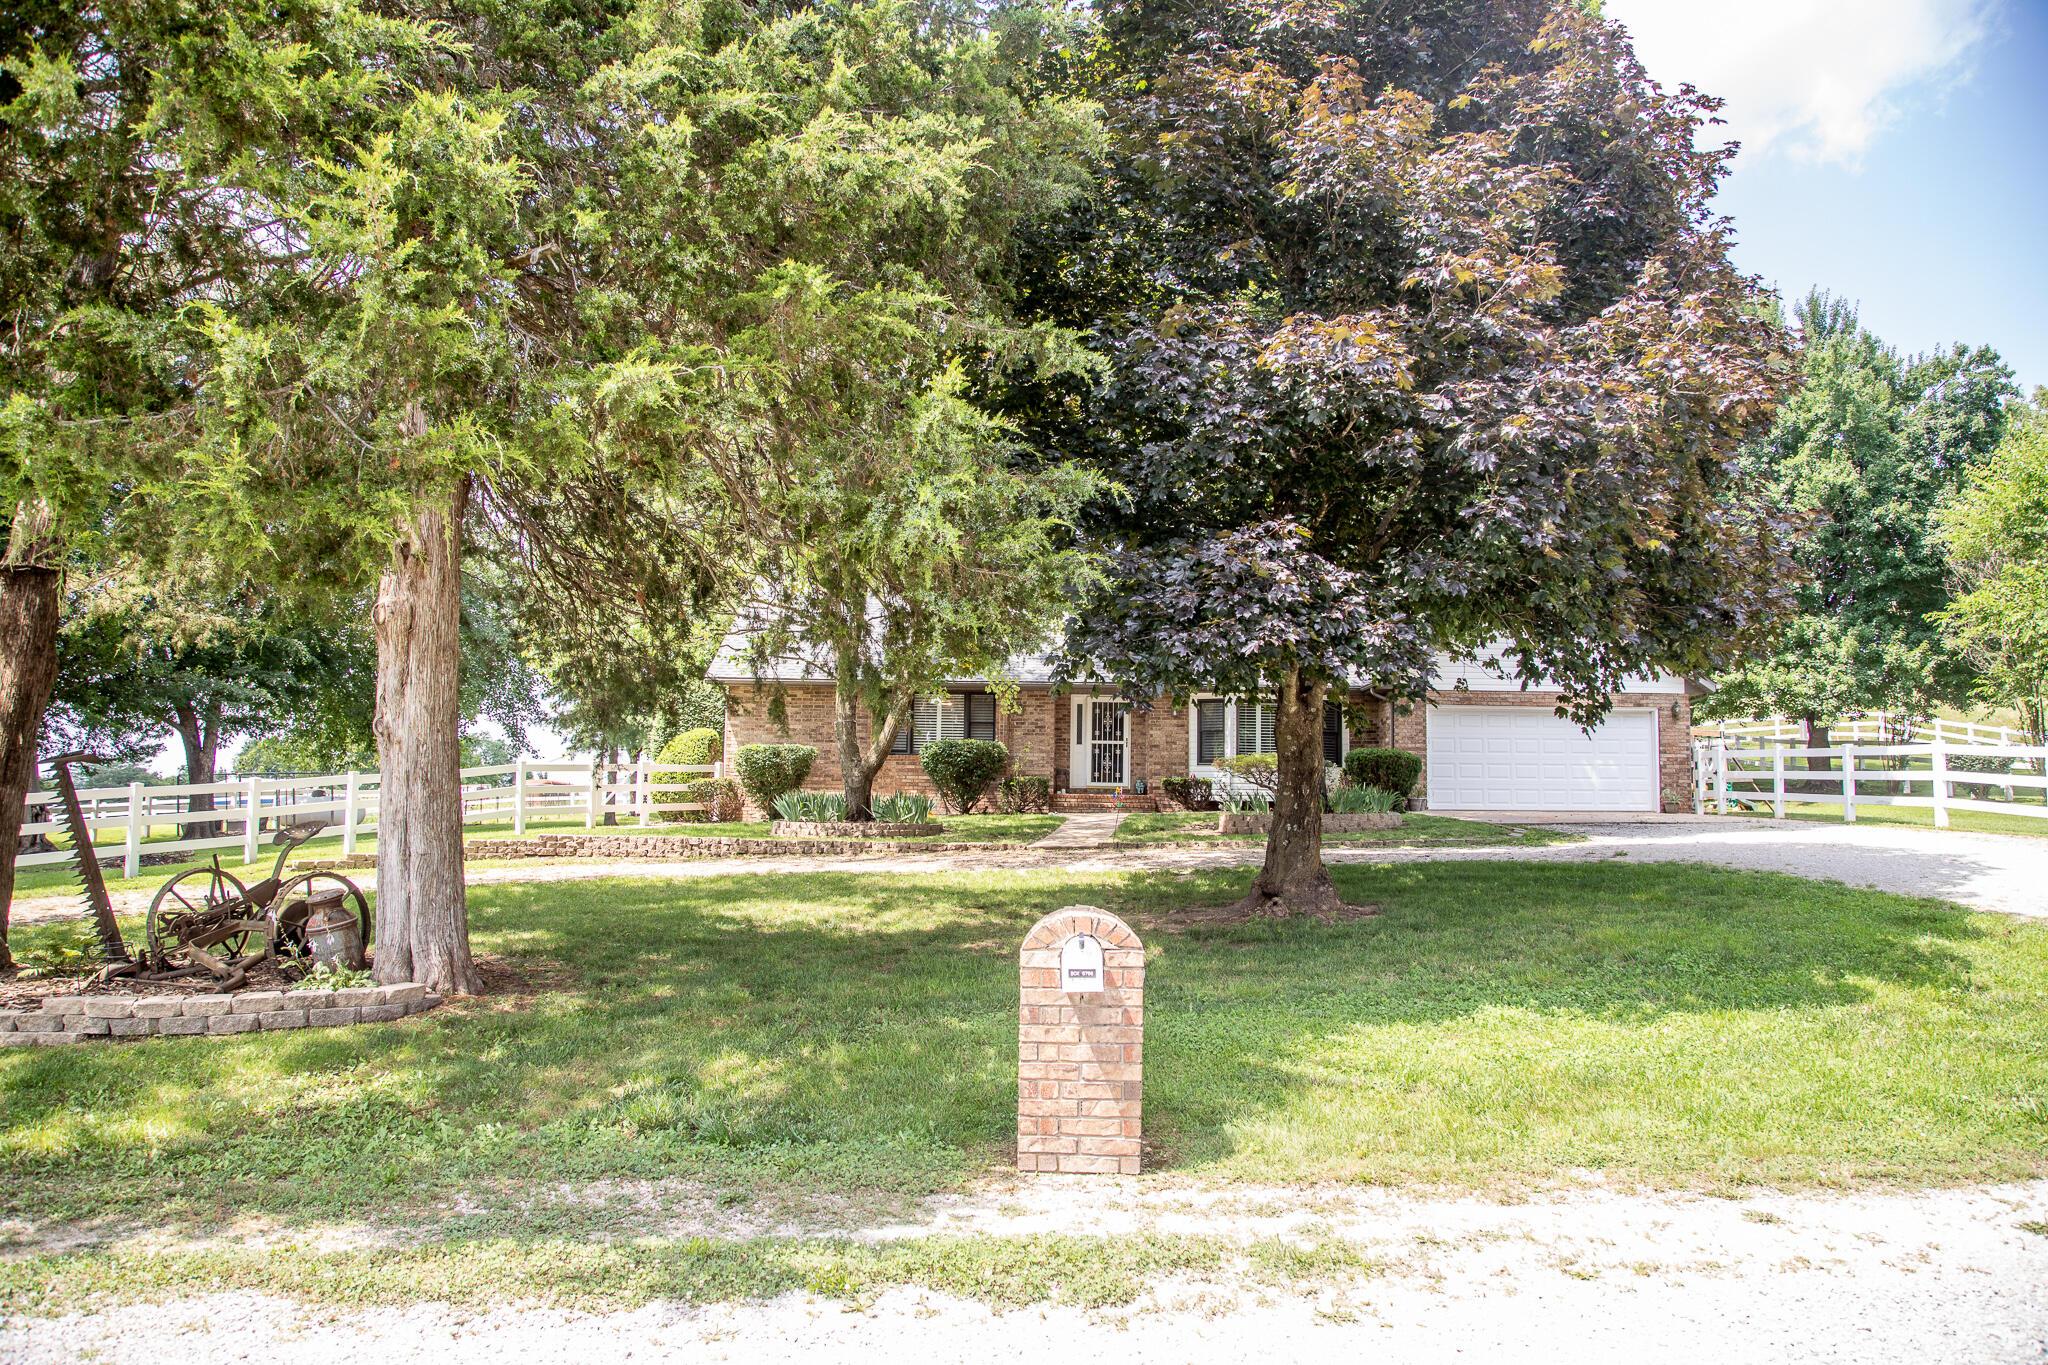 Rr 6 Box 6766 - County Rd N 5-202 Ava, MO 65608